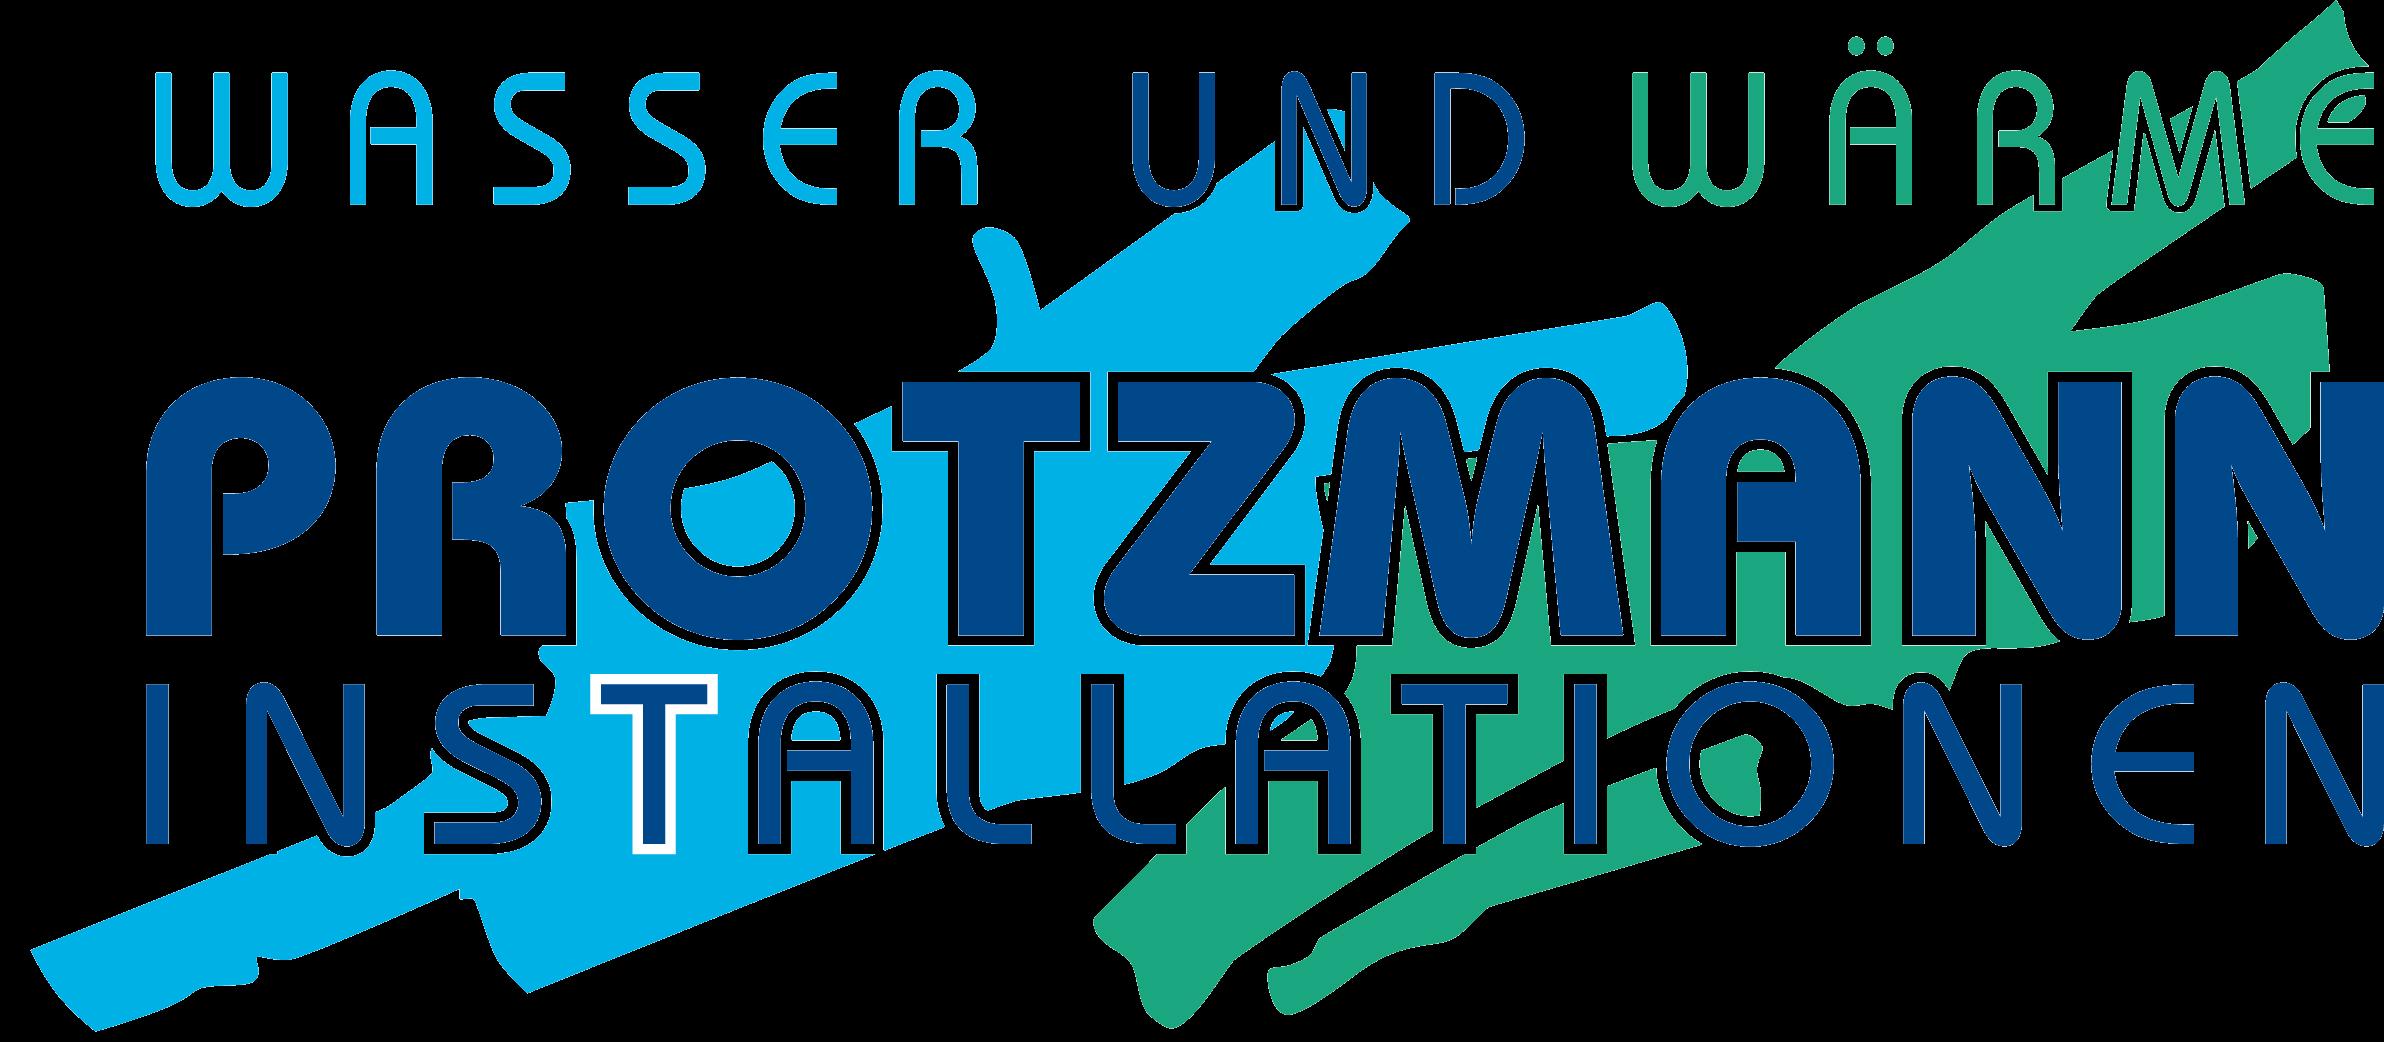 Protzmann Installationen e.U. - Ried im Innkreis | Wir sind Ihr Partner rund um Wasser, Heizung und Solaranlagen. Wir verwenden die hochwertigsten Materialien und leisten hochqualitative, saubere Arbeit.